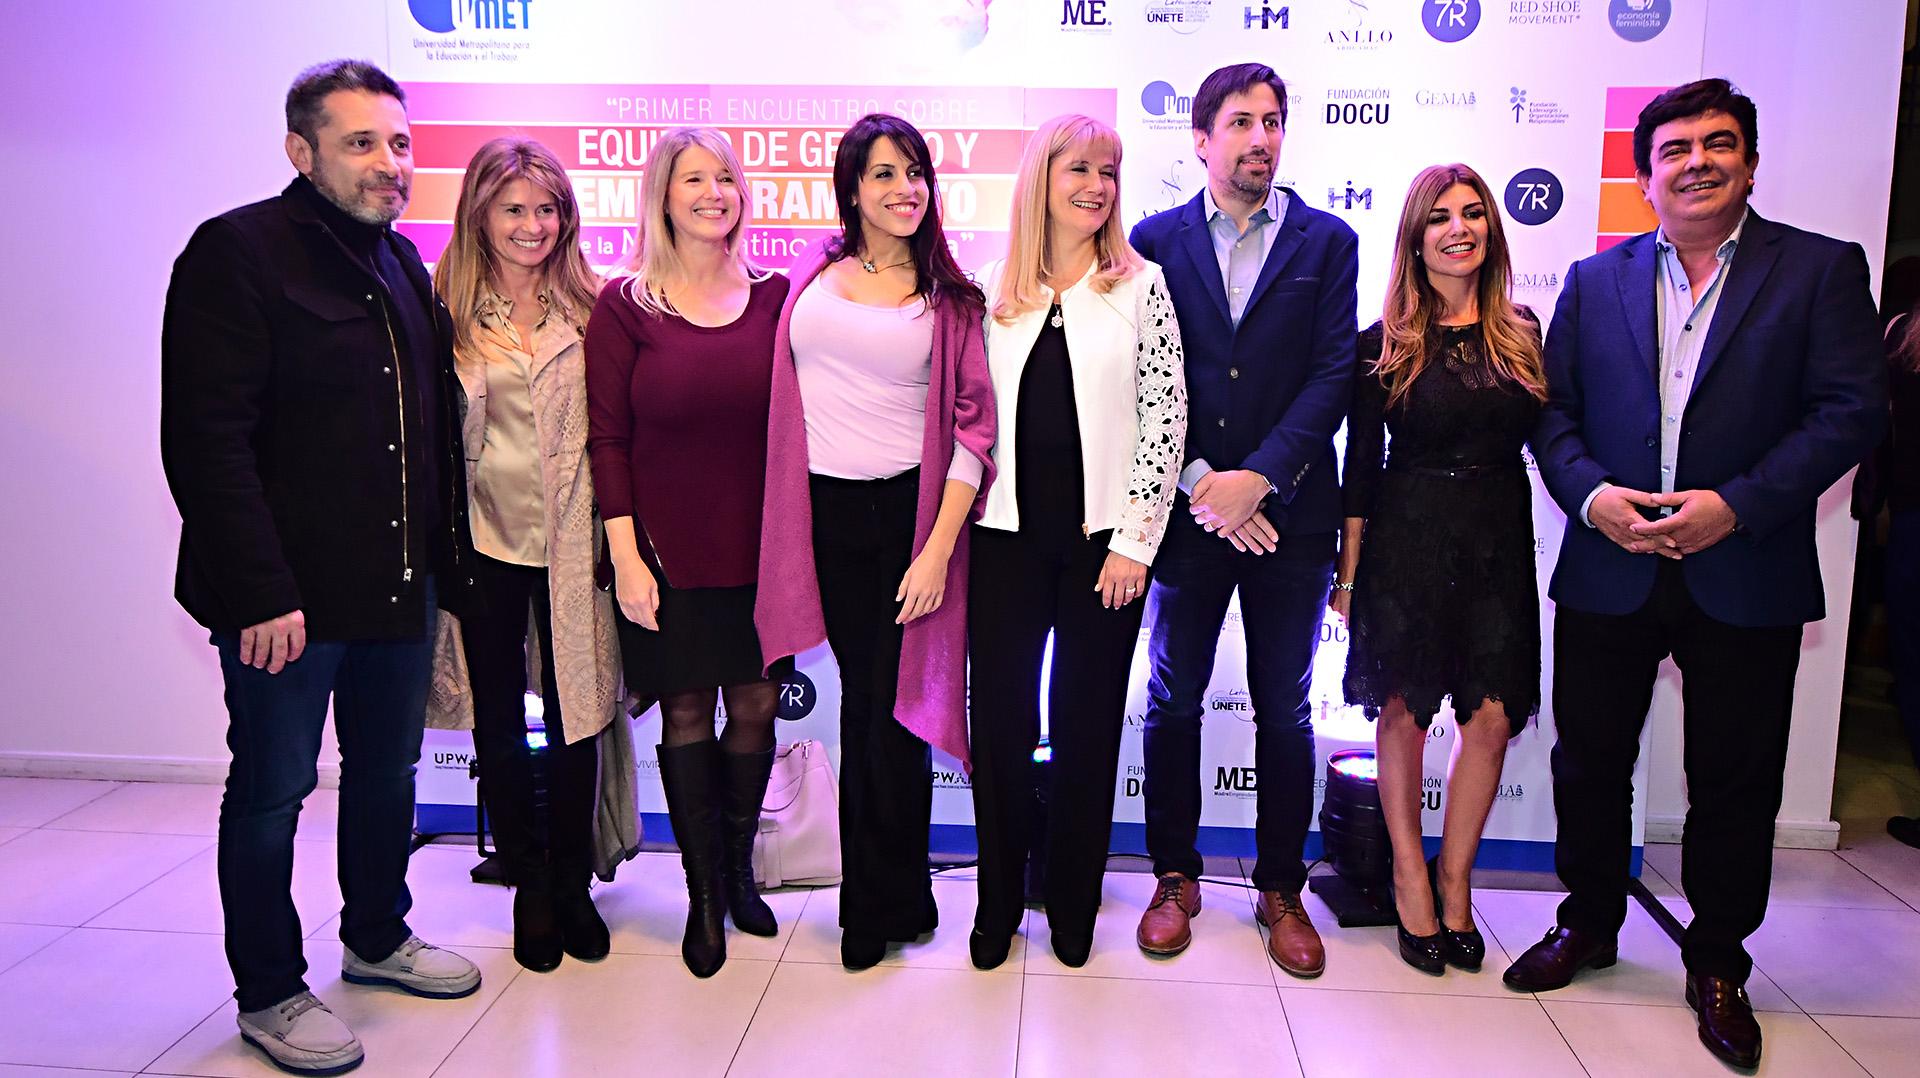 Víctor Santa María, María Laura Leguizamón, Crístina Álvarez Rodríguez, Victoria Donda, Verónica Magario, Nicolás Trotta, Lina Anllo, Fernando Espinoza